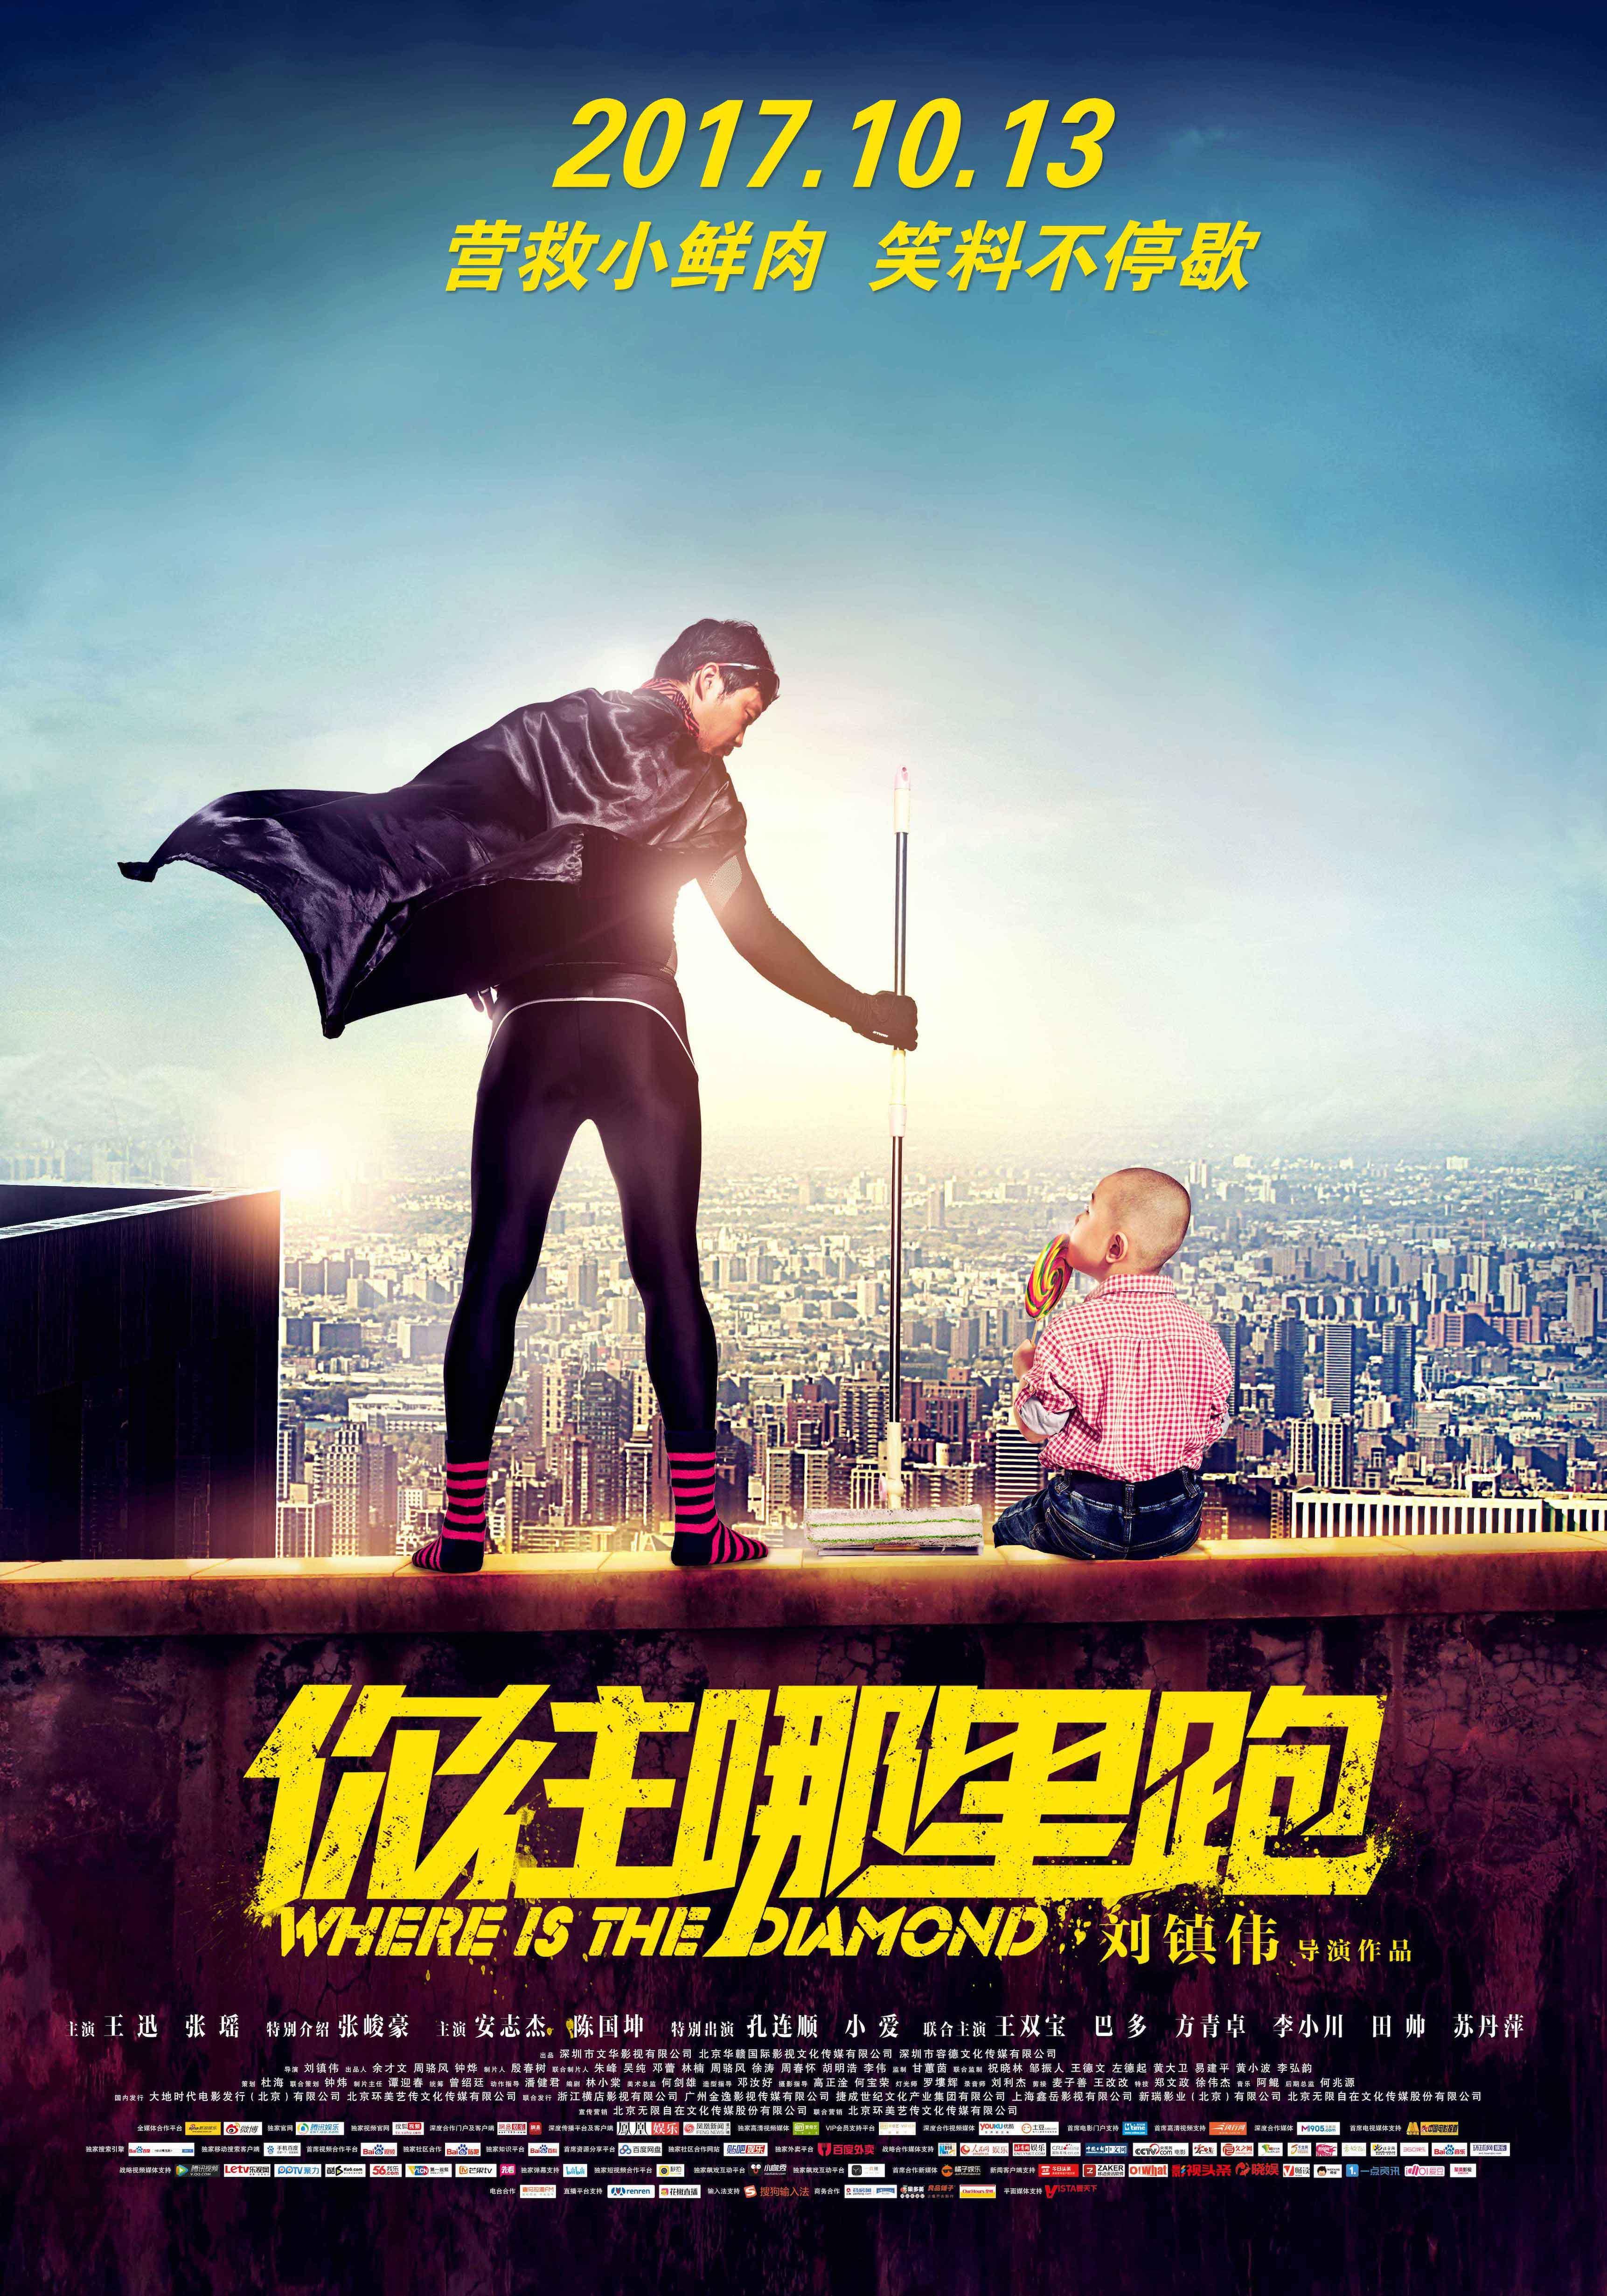 搜狐电影 1.2万 文章 2.3亿 总阅读 查看TA的文章